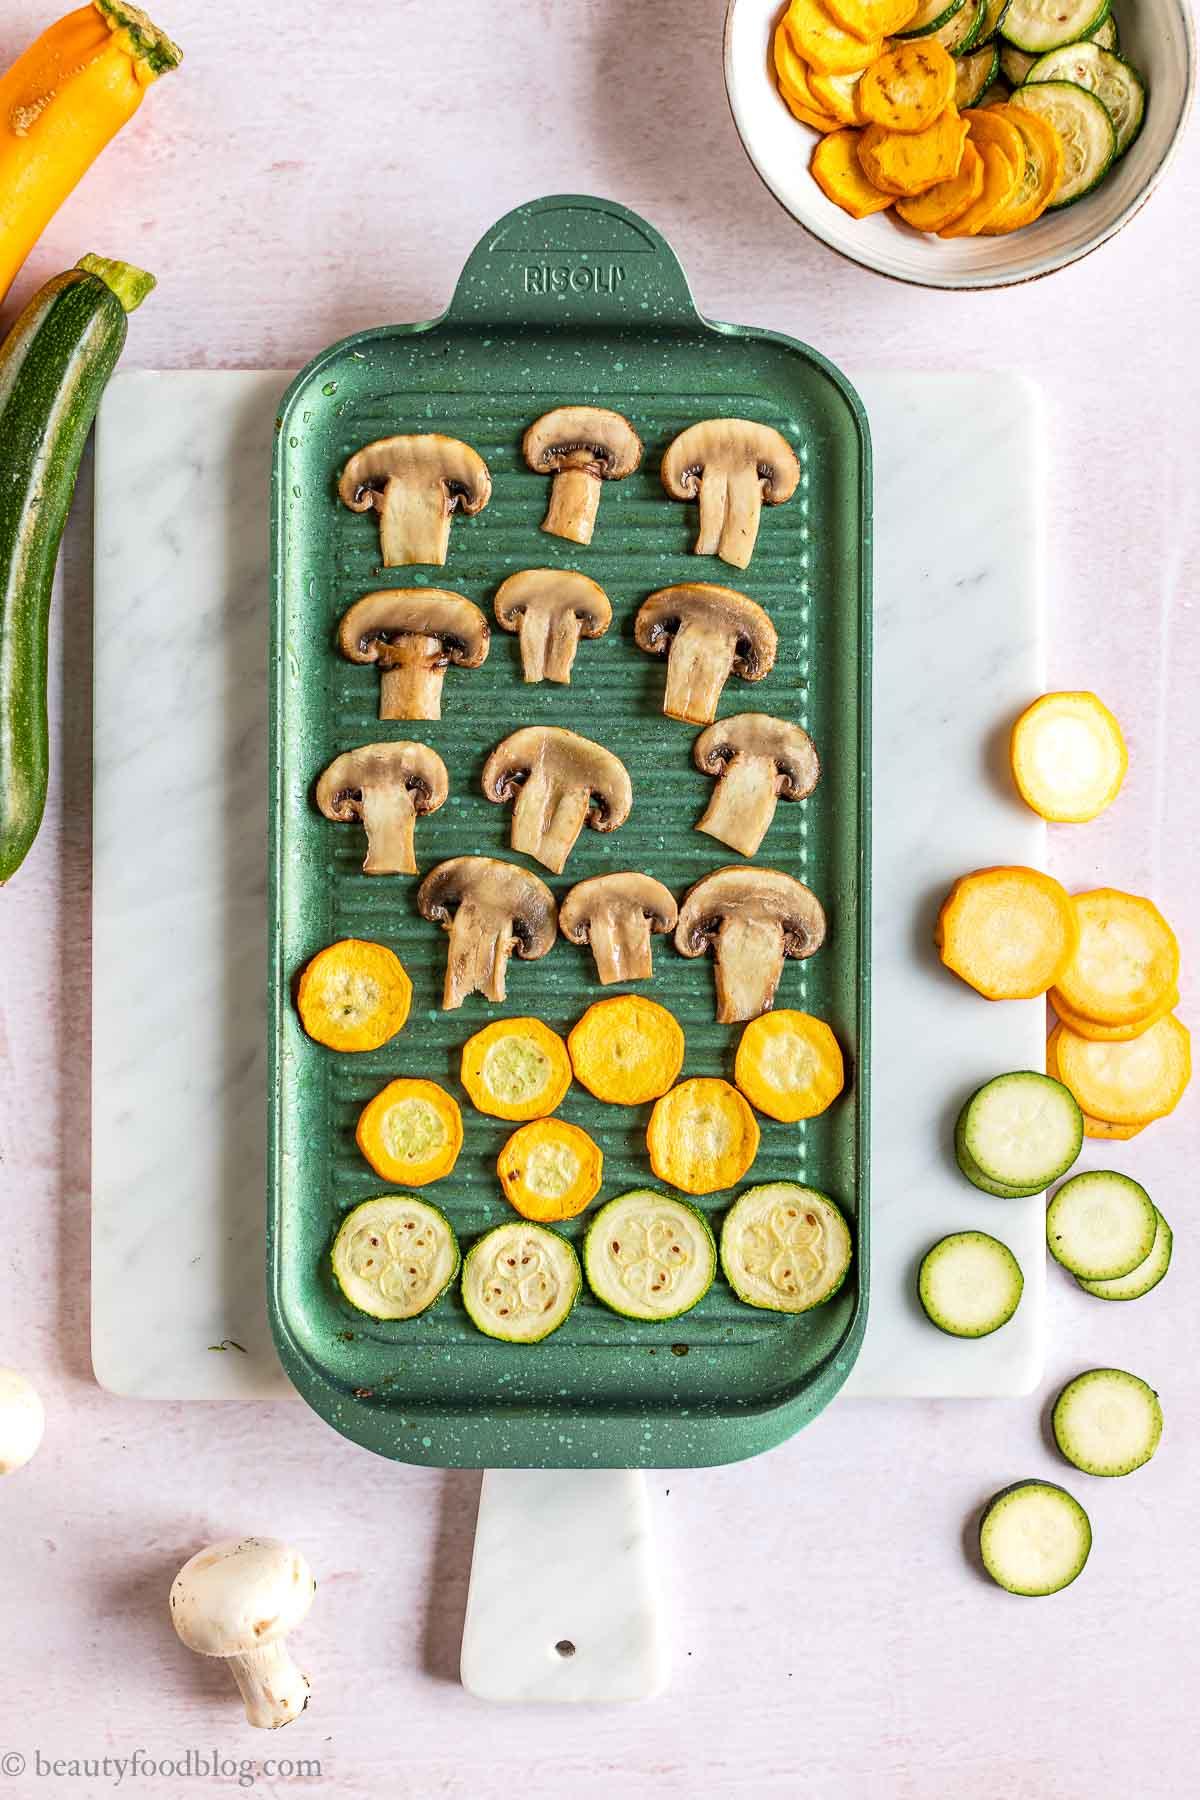 griglia antiaderente con ZUCCHINE alla SCAPECE NON FRITTE con FUNGHI no-stick grill pan with marinated zucchini with mushrooms